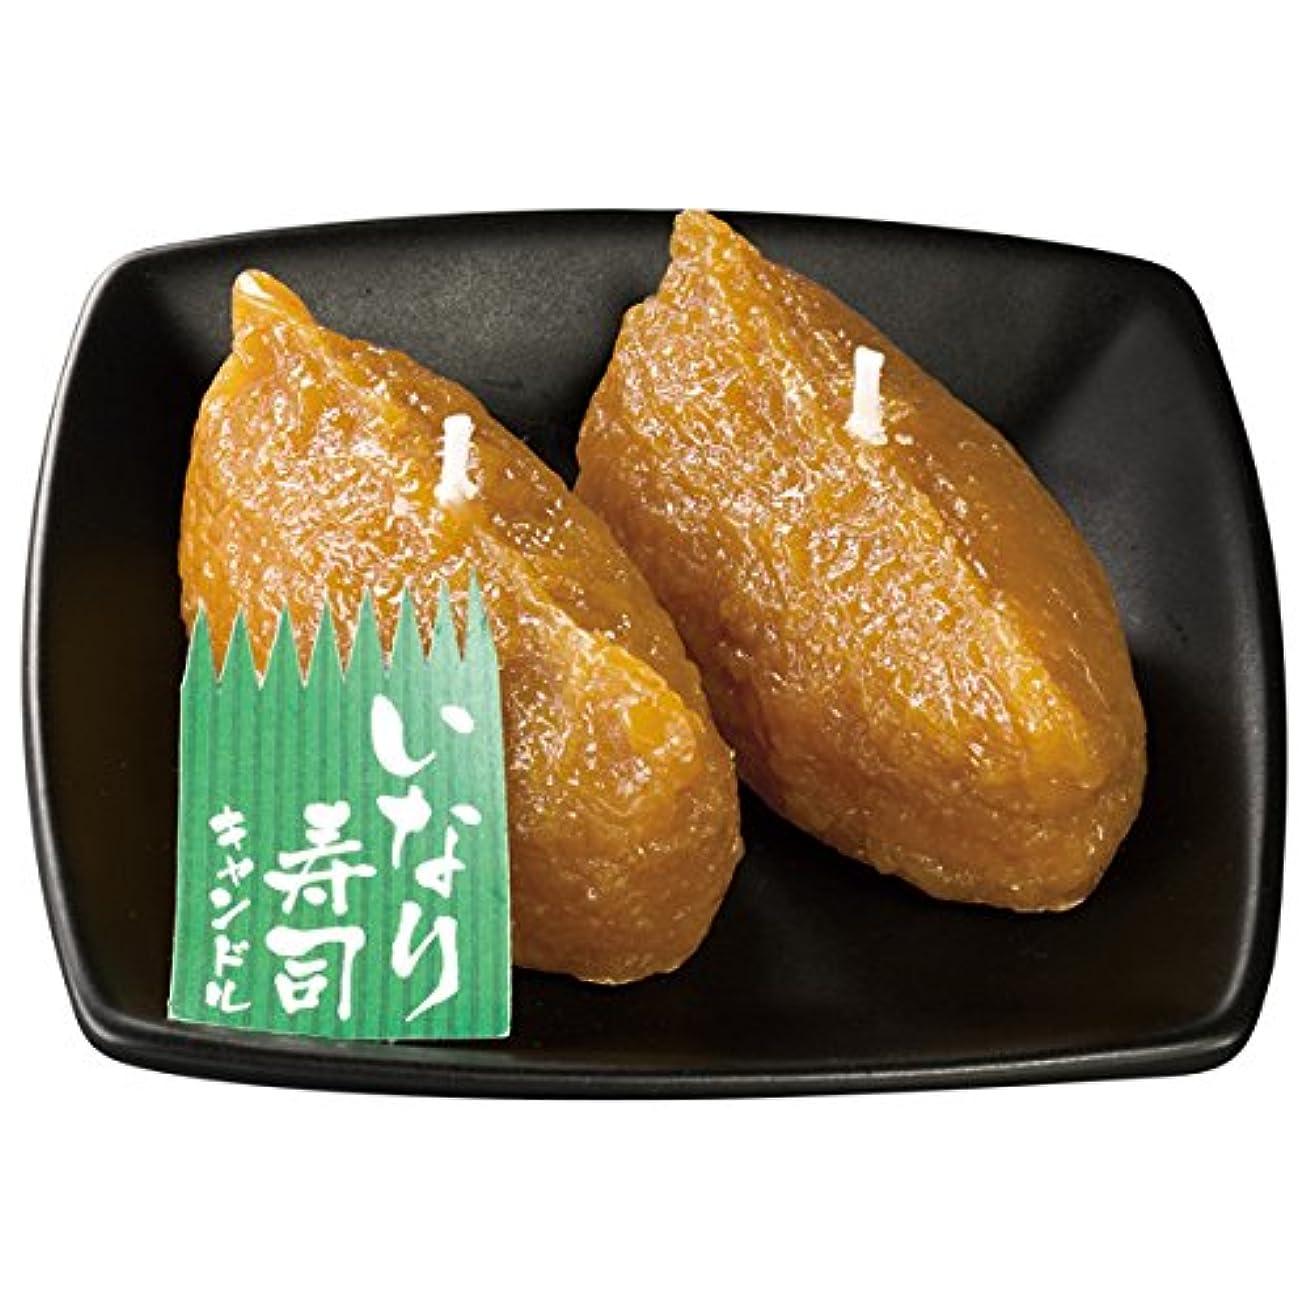 学習者特別な好きいなり寿司キャンドル